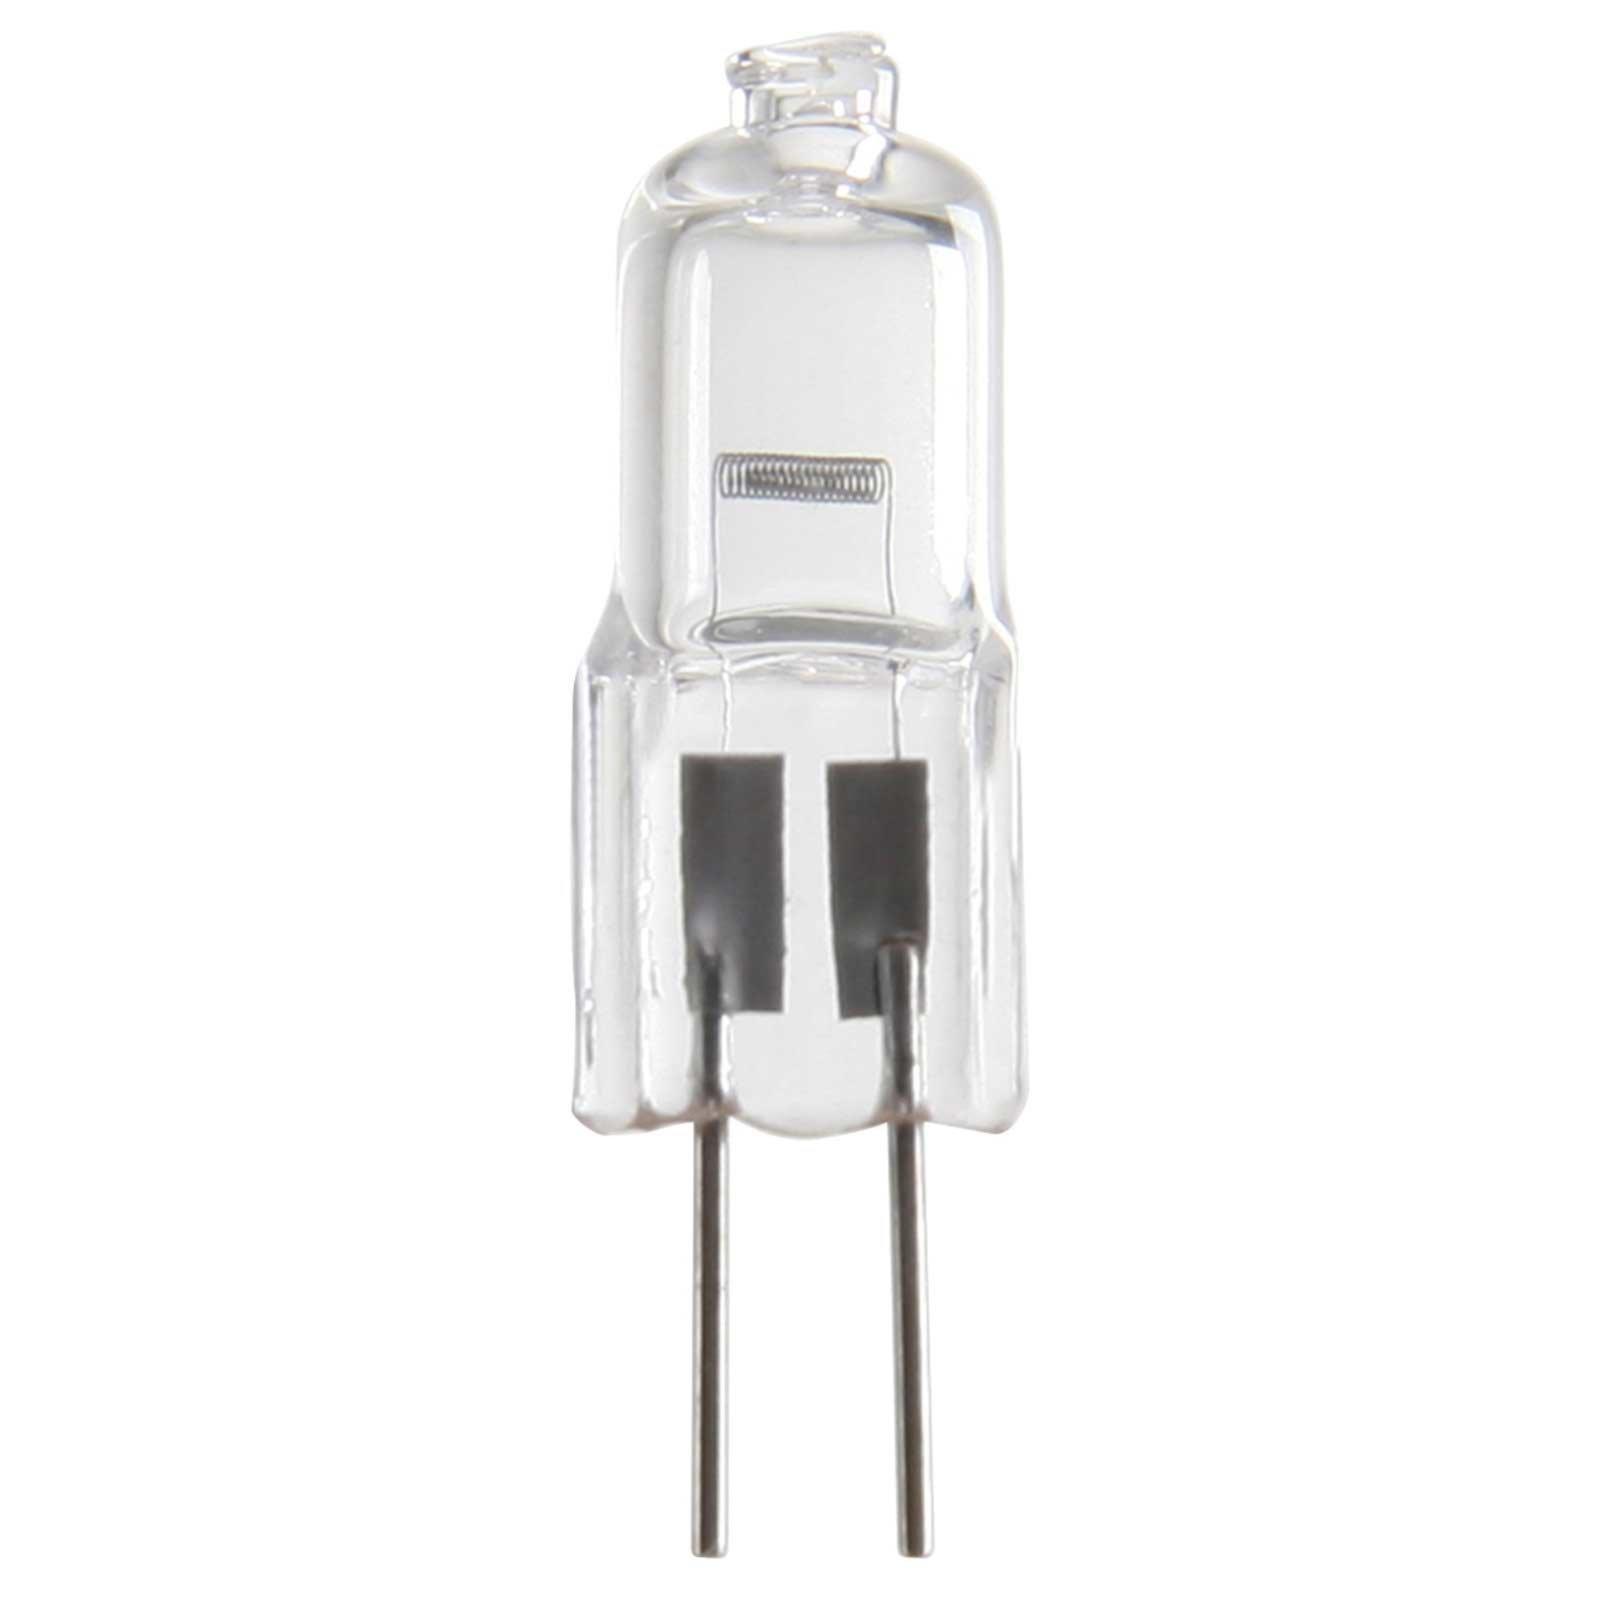 Halogen leuchtmittel lightme g4 10 watt warmwei for Lampen roller